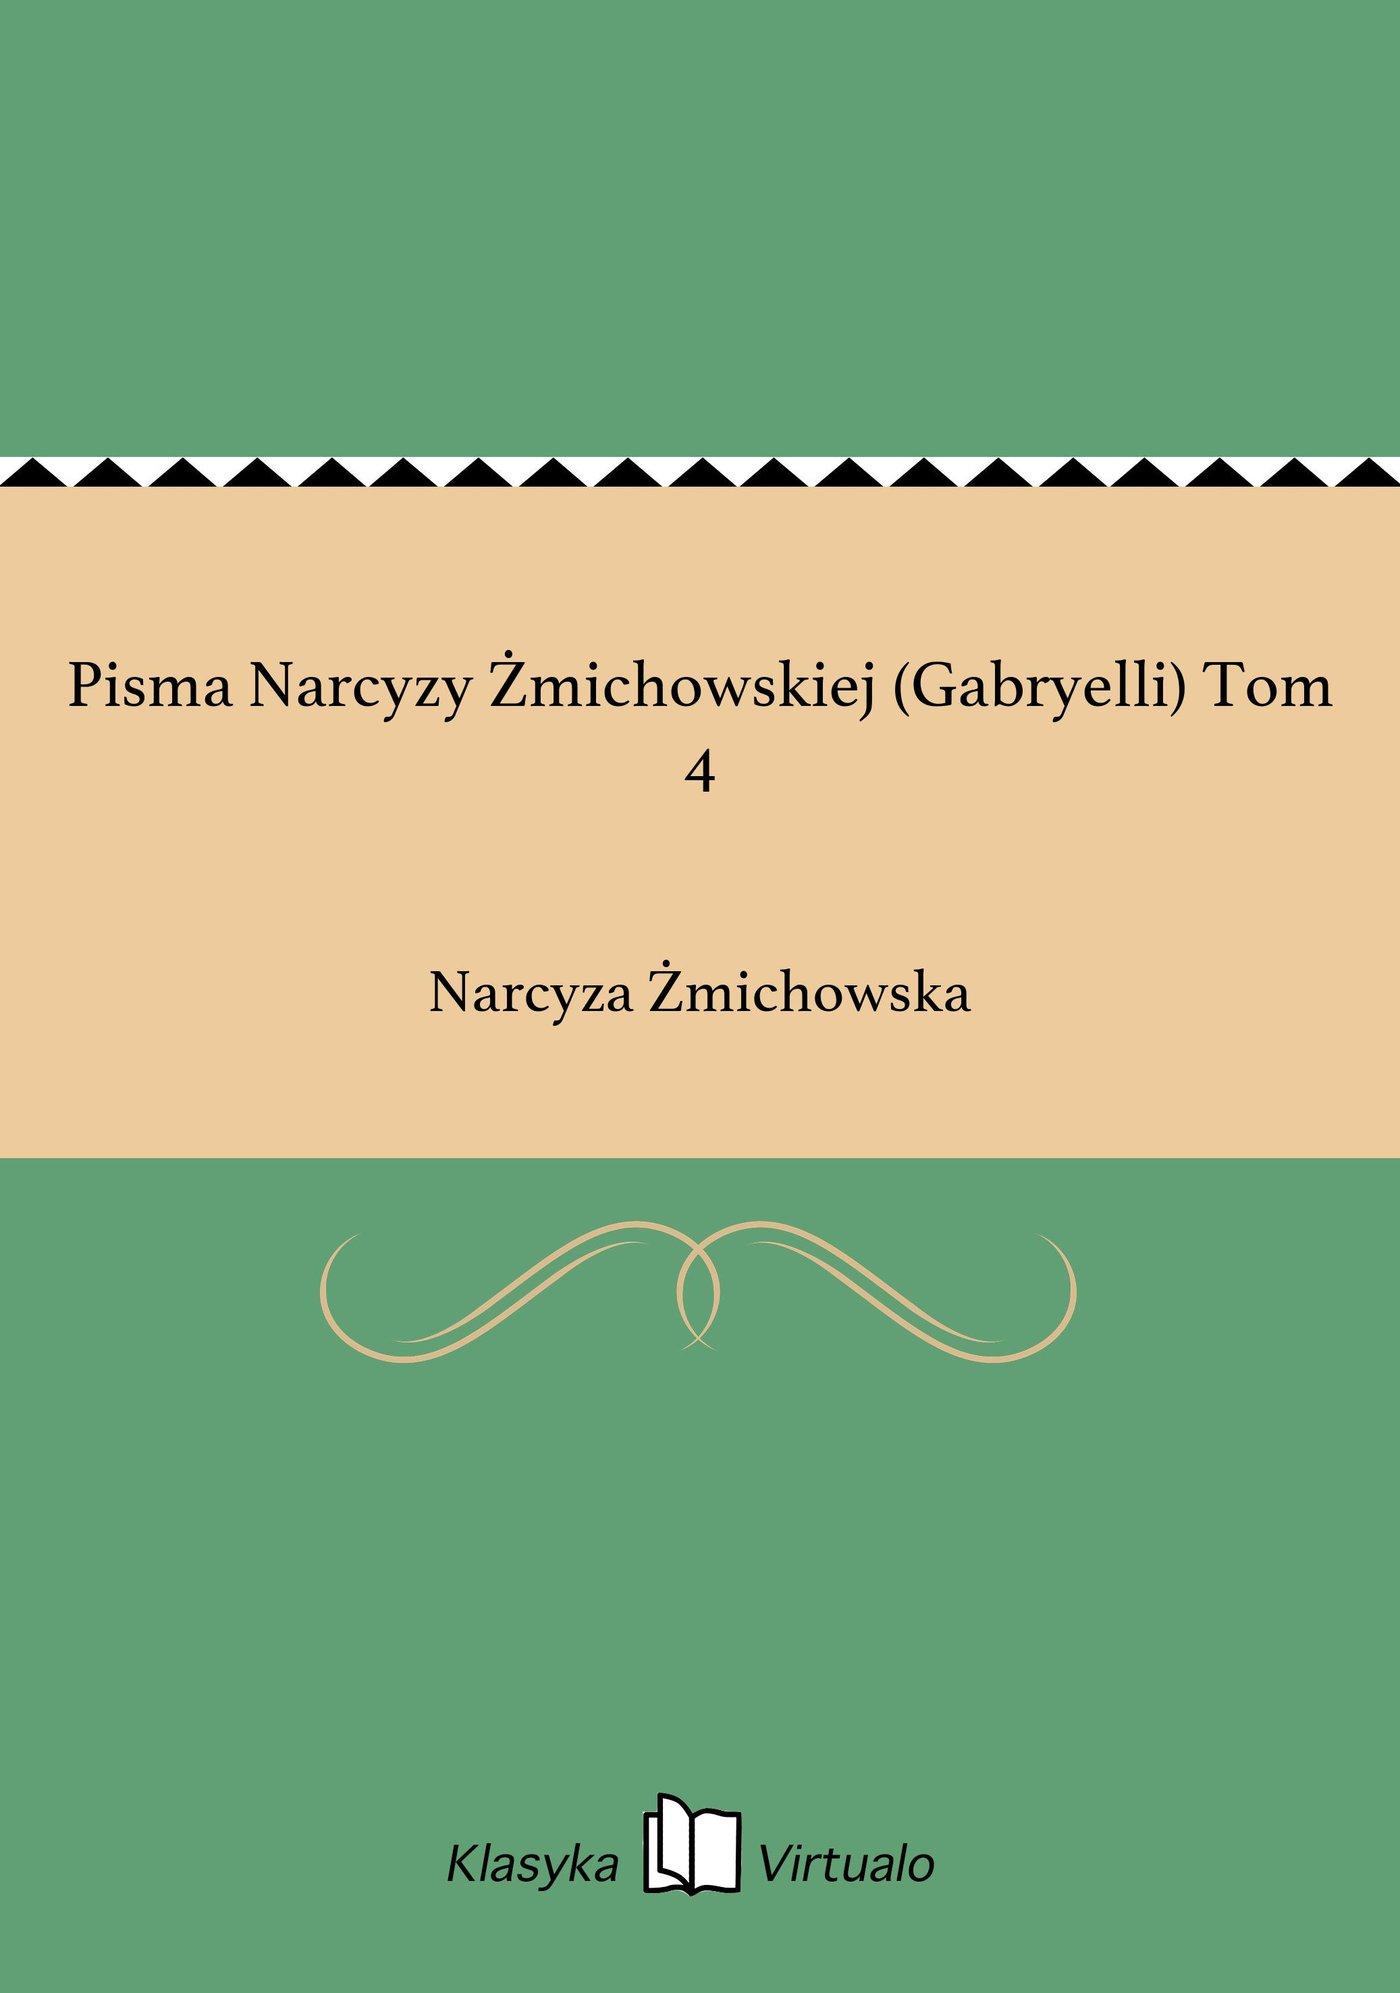 Pisma Narcyzy Żmichowskiej (Gabryelli) Tom 4 - Ebook (Książka EPUB) do pobrania w formacie EPUB